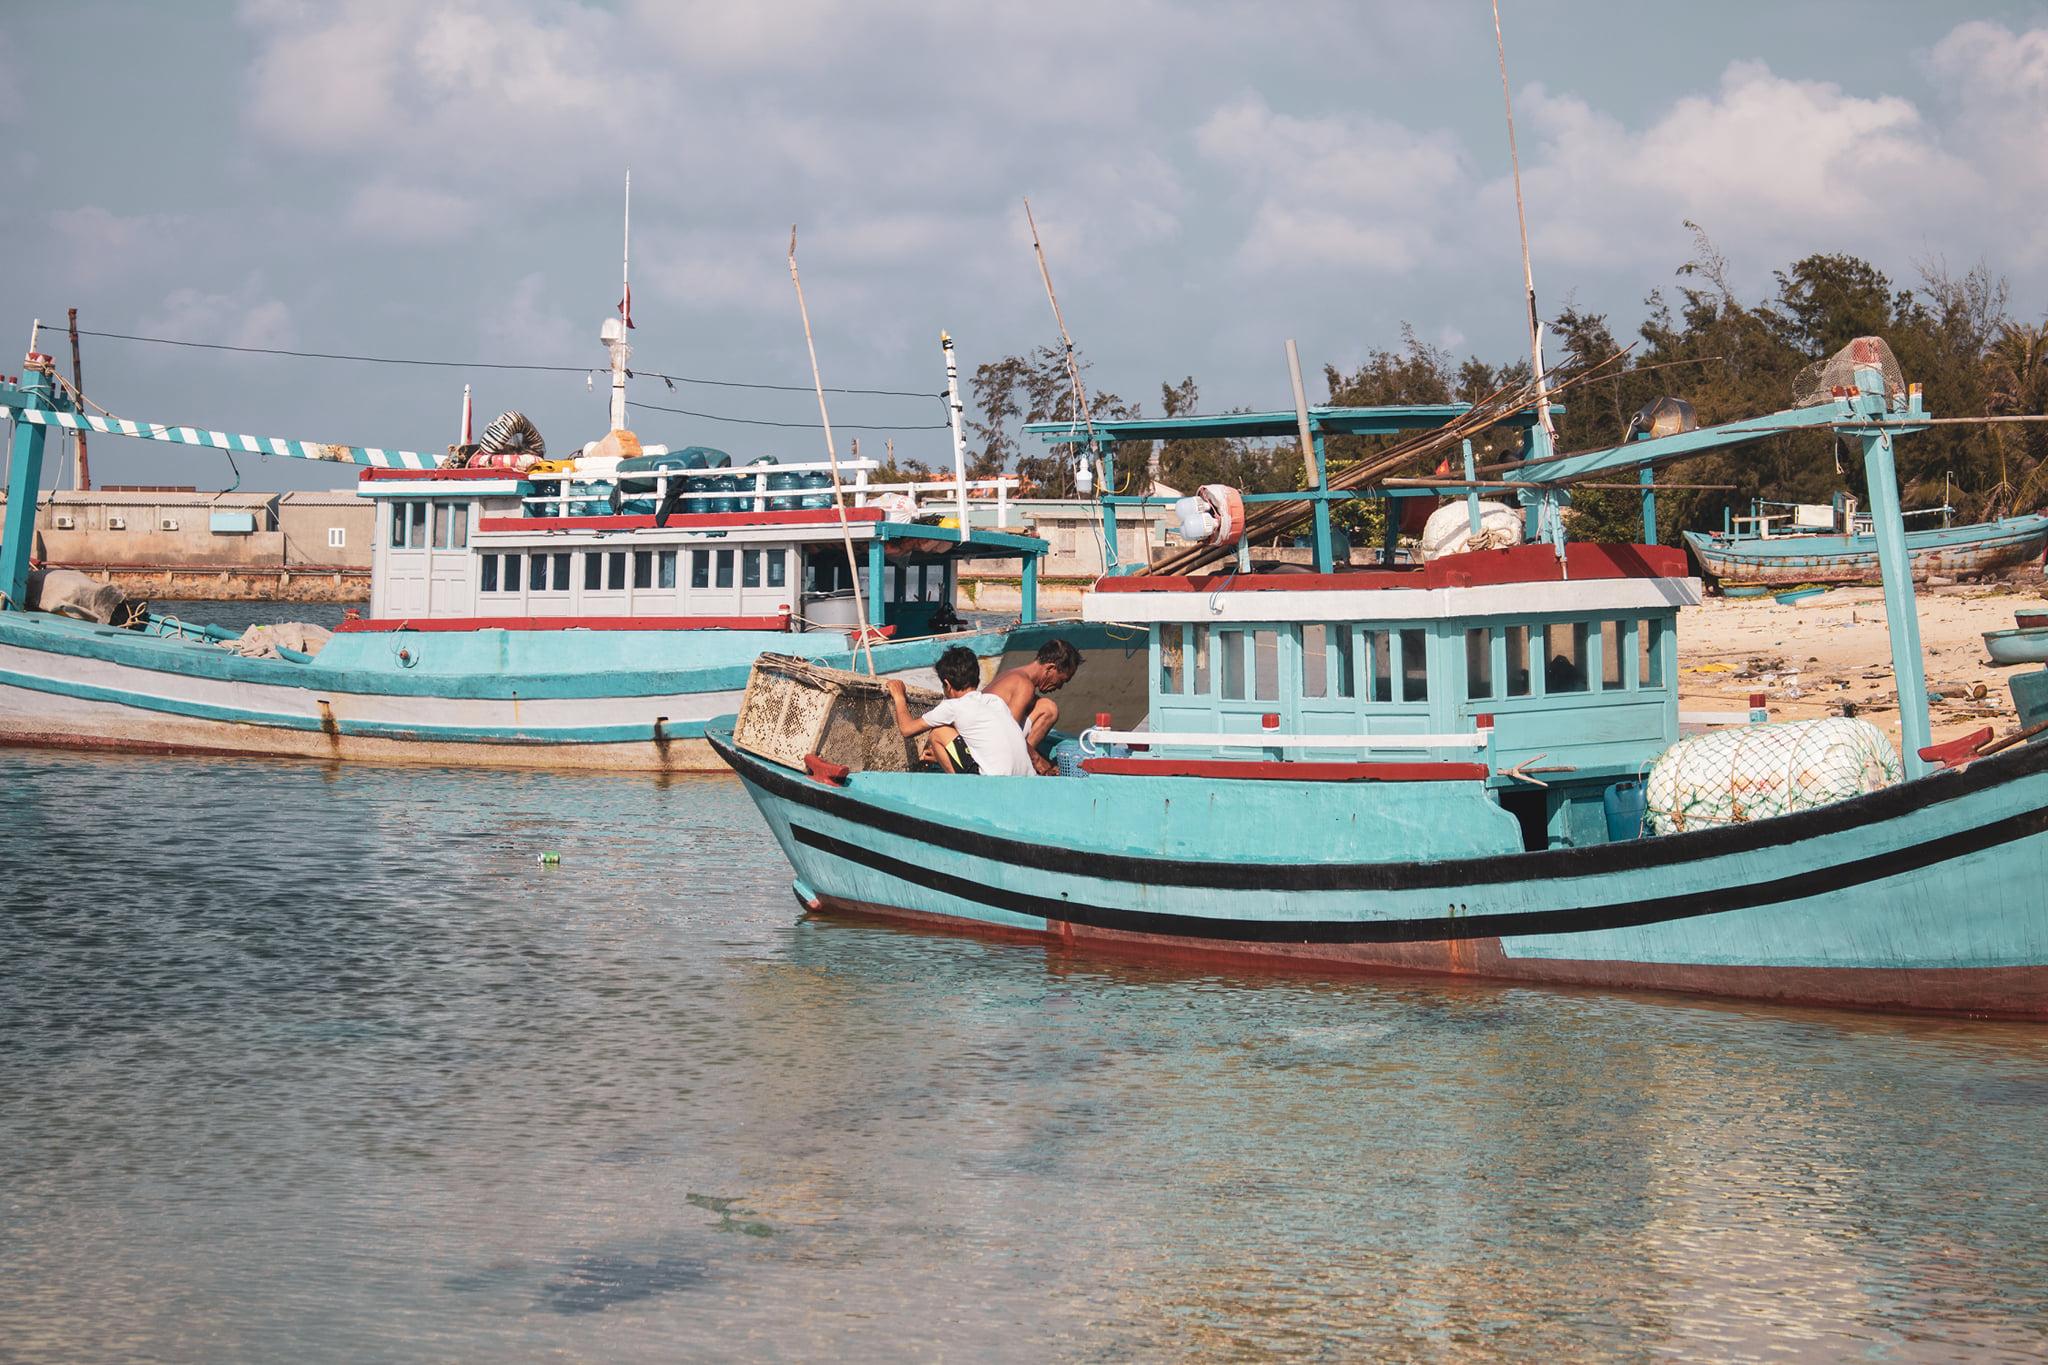 Du lịch đảo Phú Quý tháng 4 – xứ sở của những điều lạ kì